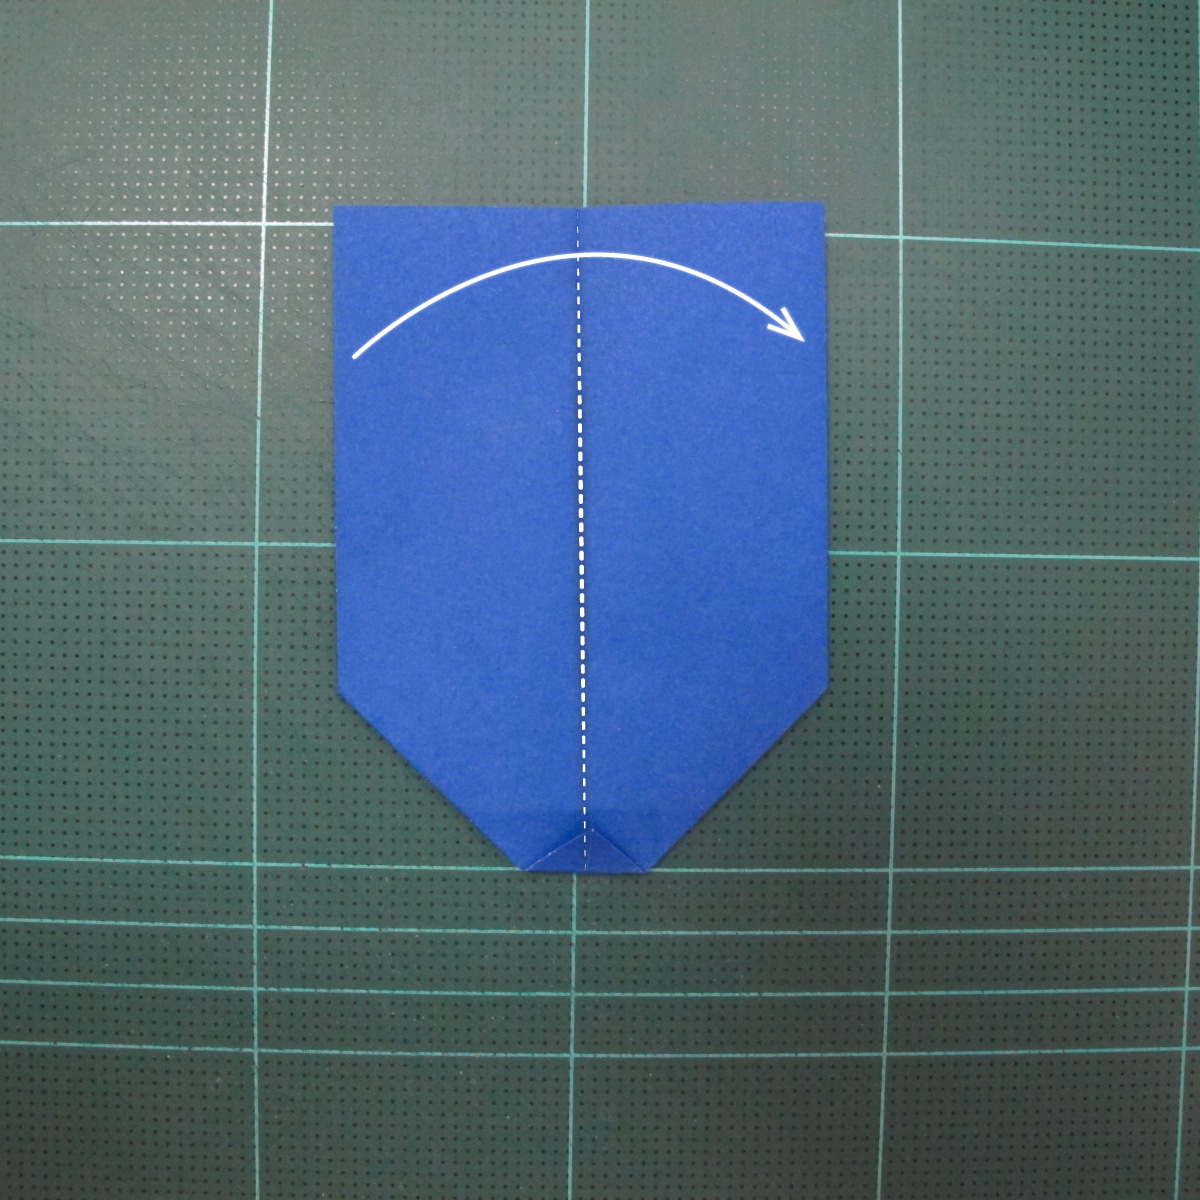 วิธีการพับกระดาษเป็นรูปกระต่าย แบบของเอ็ดวิน คอรี่ (Origami Rabbit)  011